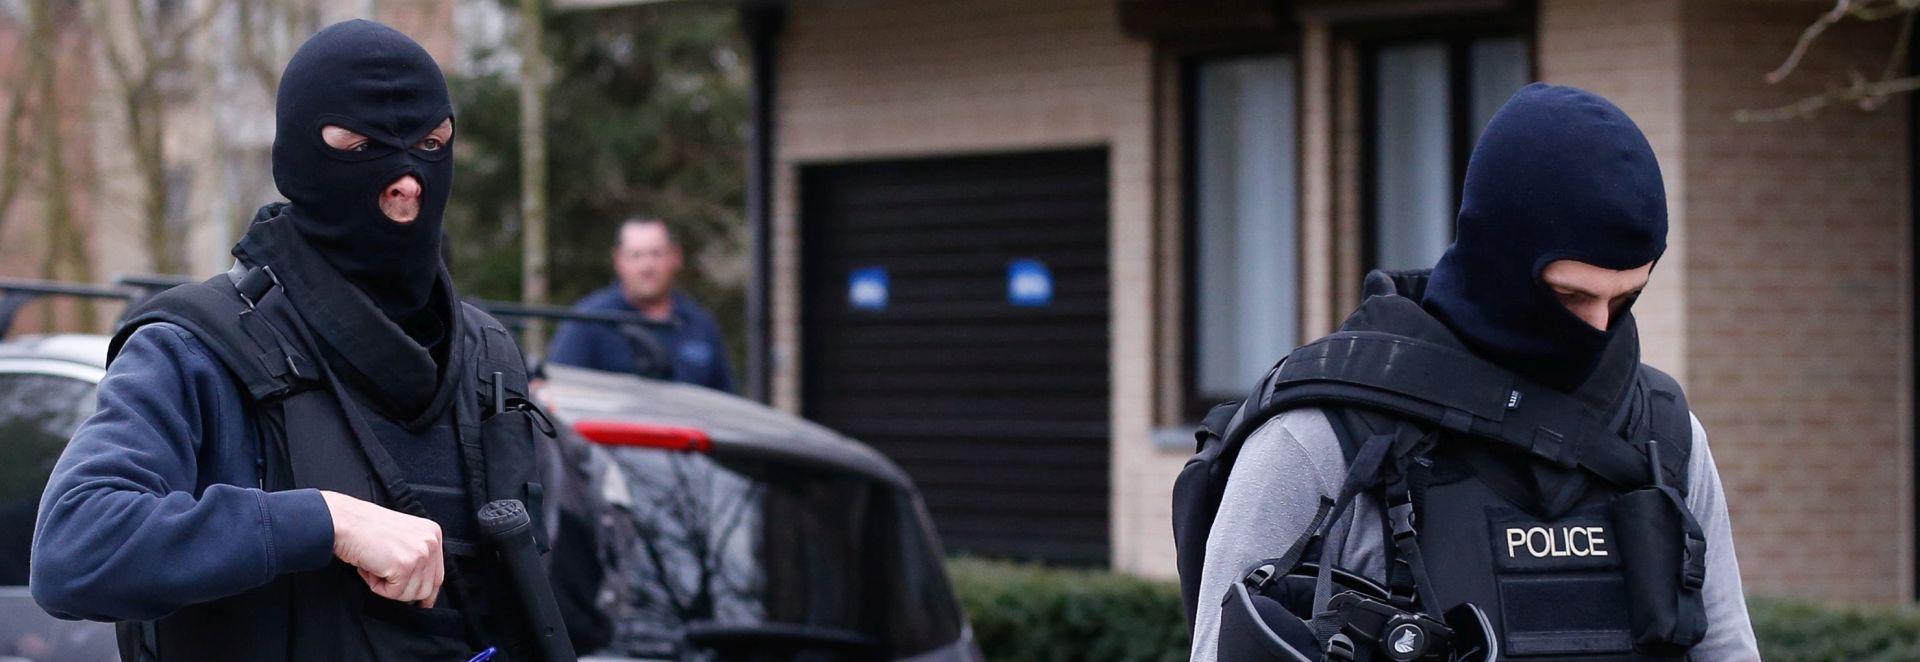 """RACIJA: Jedan osumnjičeni u Bruxellesu """"neutraliziran"""", dvojica u bijegu"""